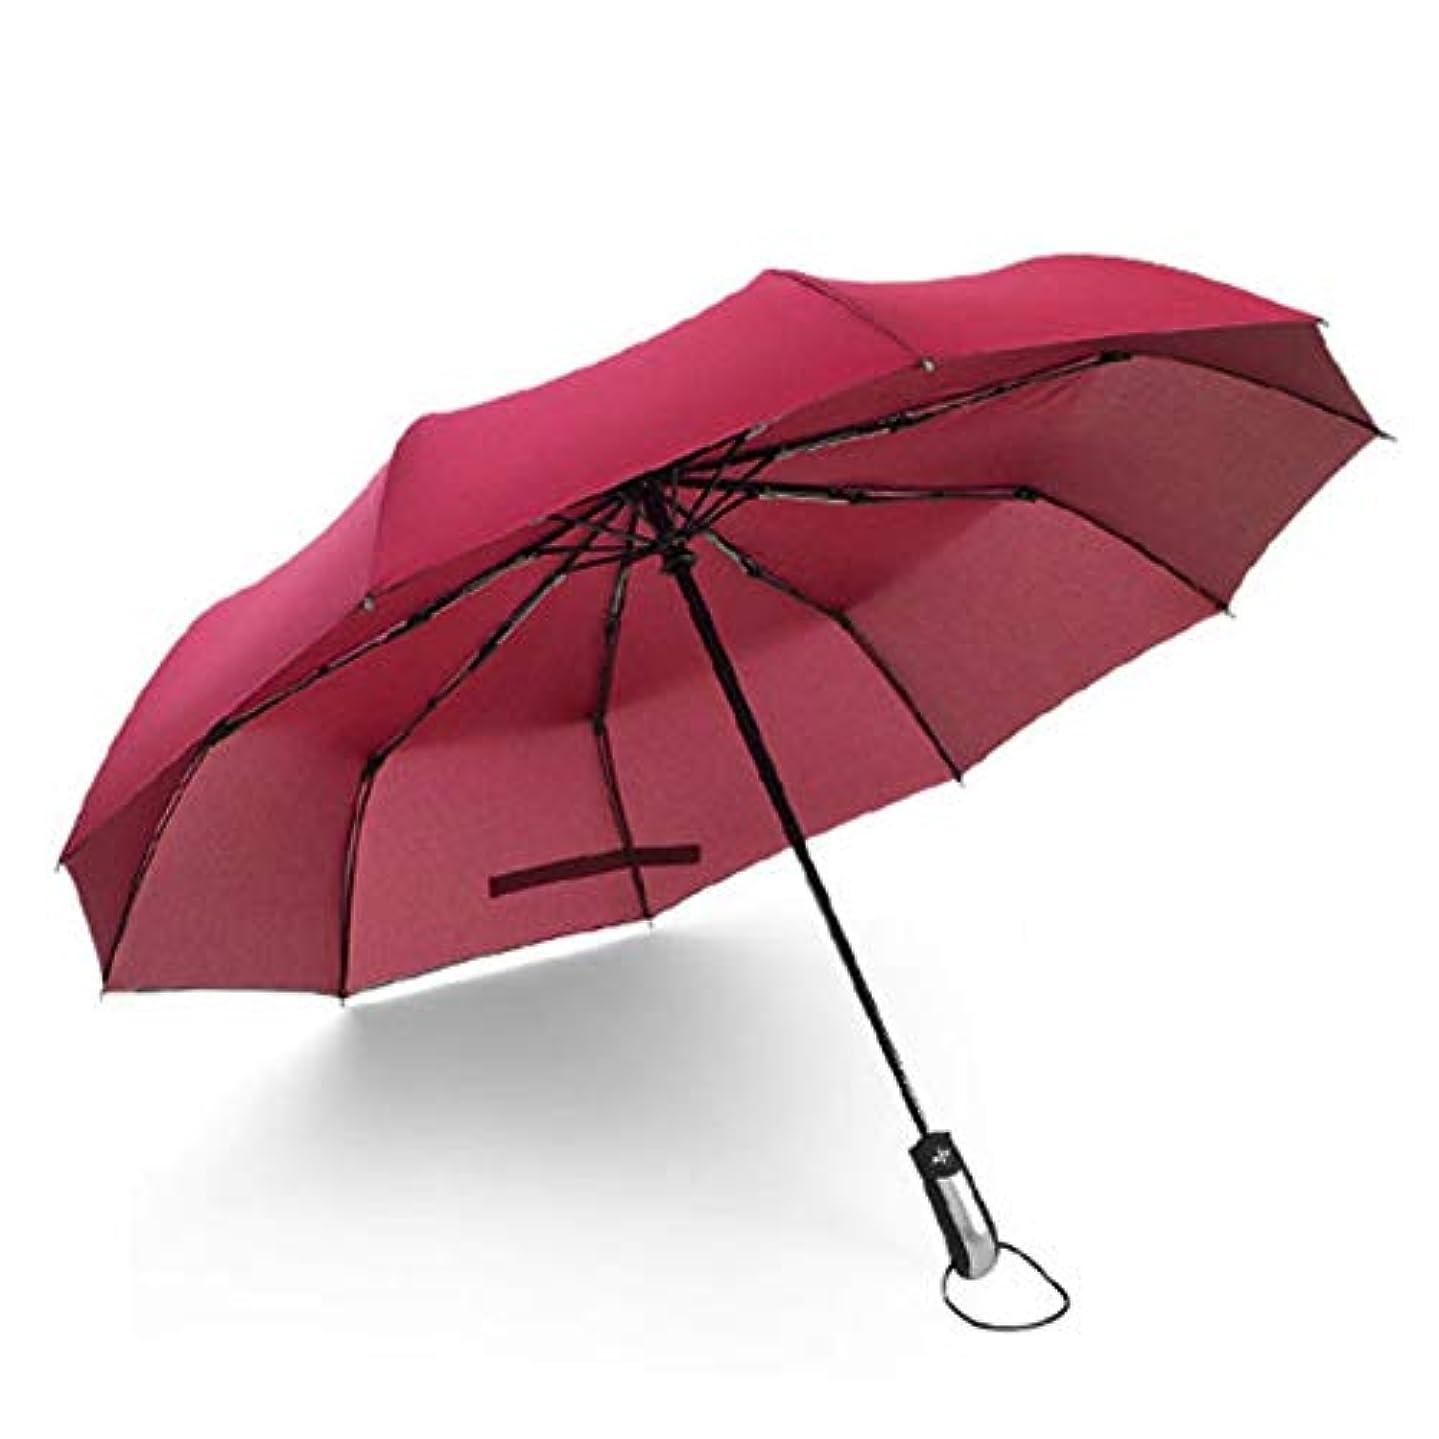 先生魔女レディSaikogoods 全自動日 - 雨の傘 トリプルフォールディング 男性女性 強化のために10-リブ ビジネス傘 ワインレッド